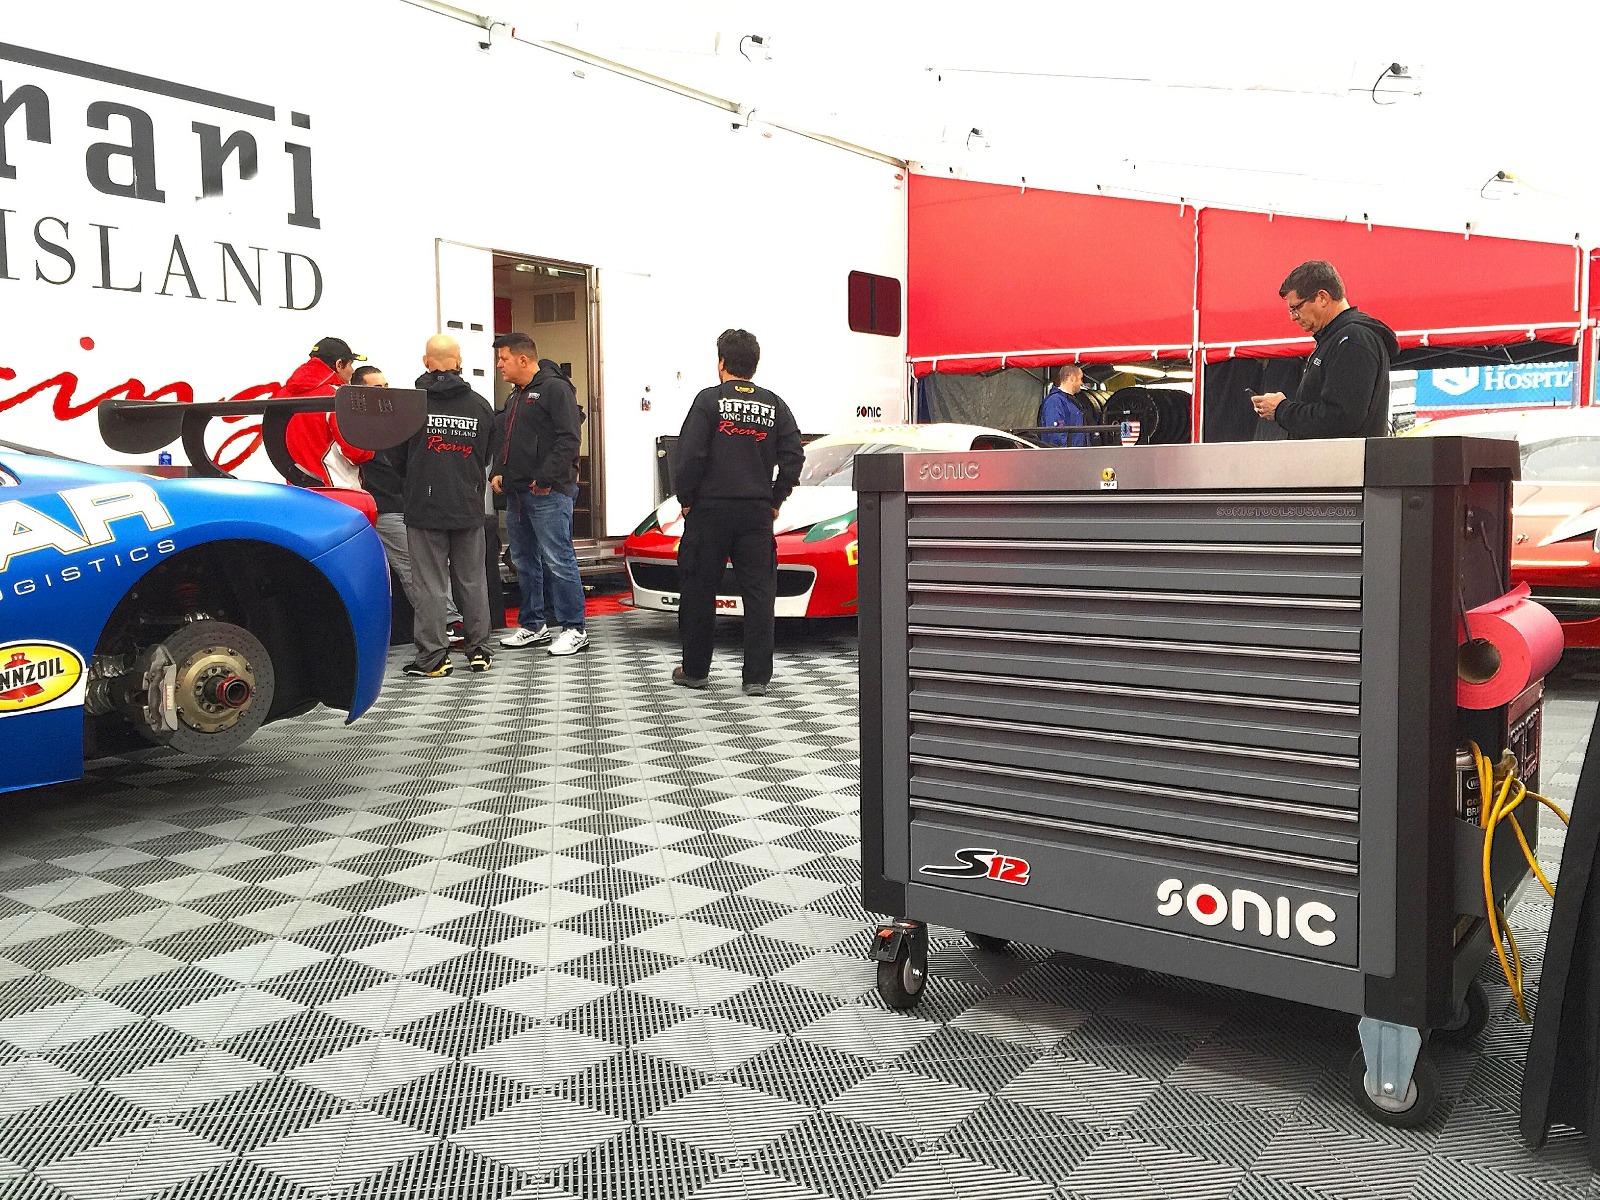 法拉利使用Sonic S12 Toolbo亚博什么时间结算一次x Plus工具赛车